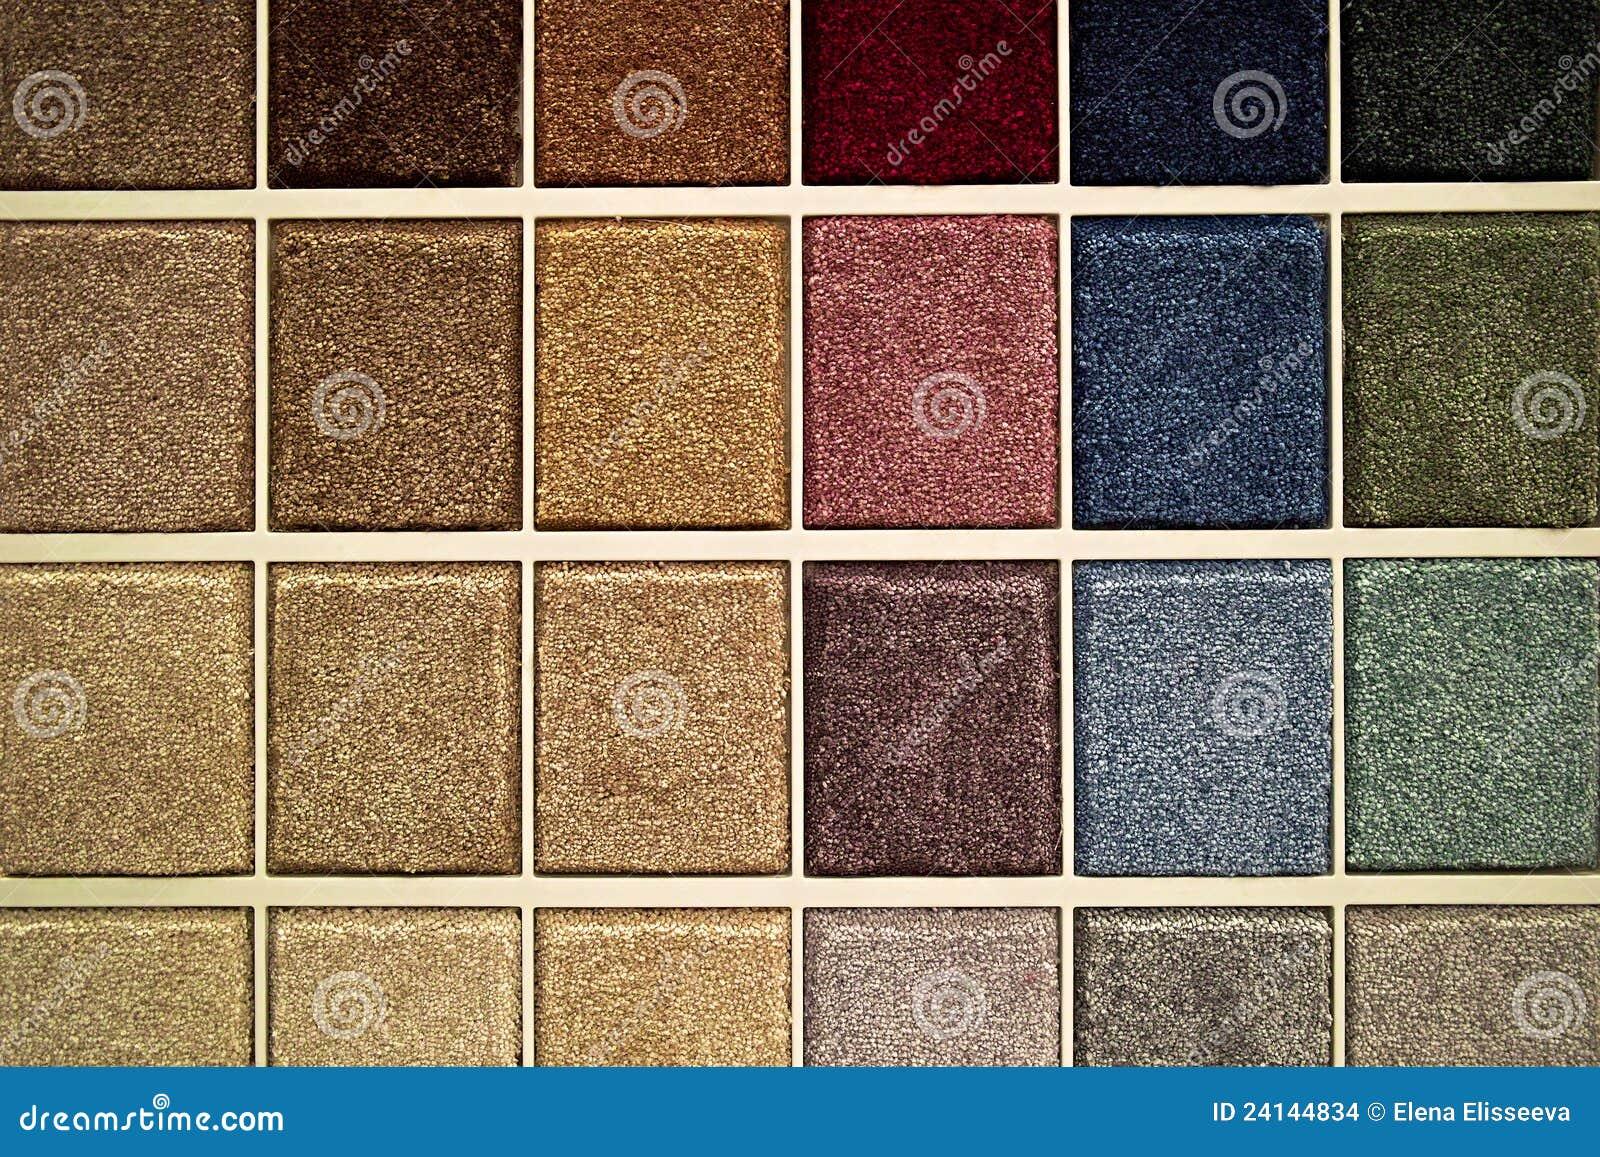 Carpet flooring prices for Carpet flooring